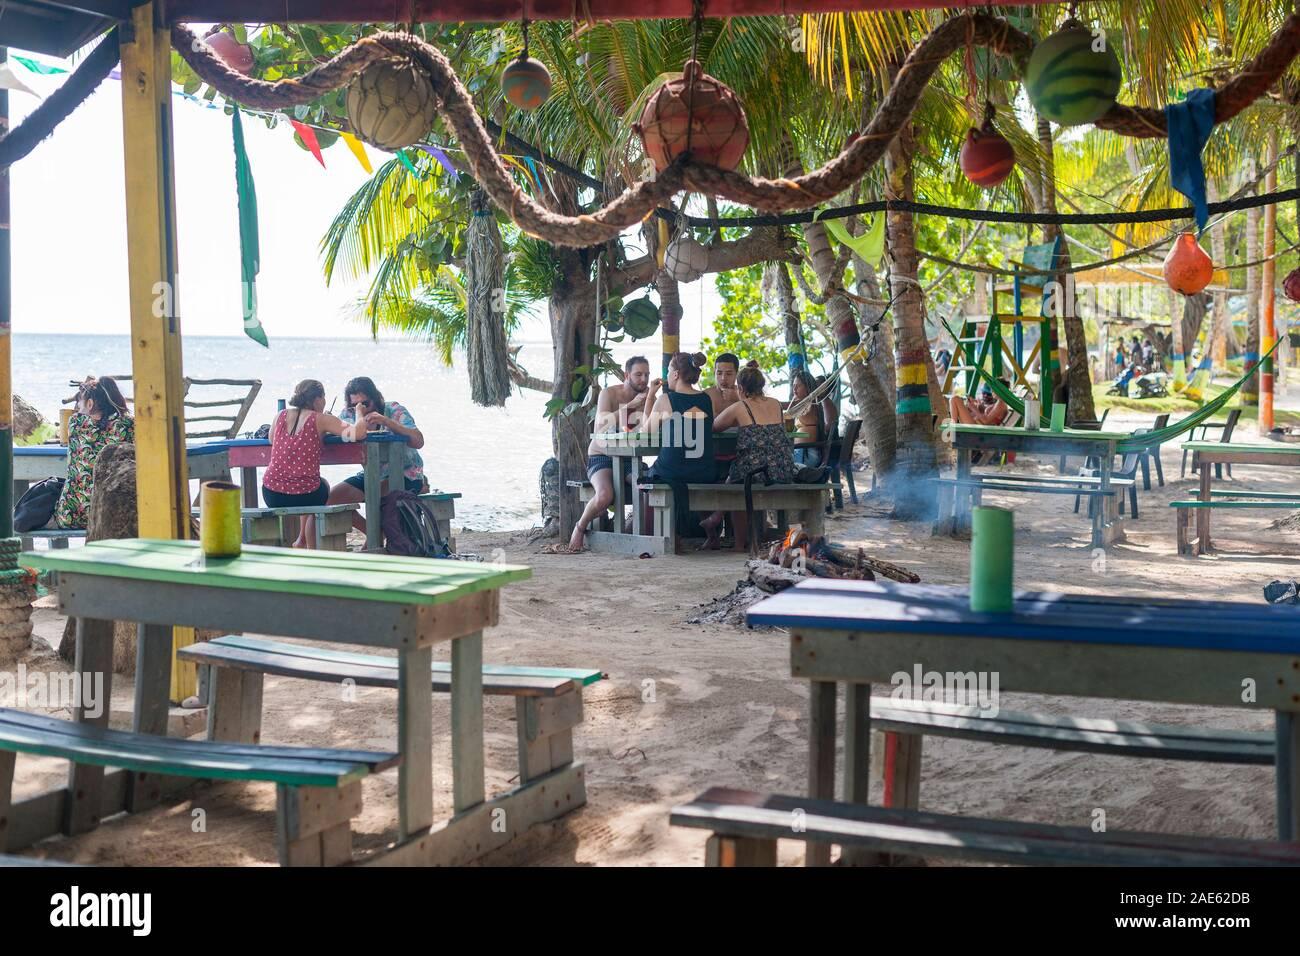 Roland's Reggae Bar & Restaurant en playa Manzanillo, en la isla de Providencia en Colombia. Foto de stock